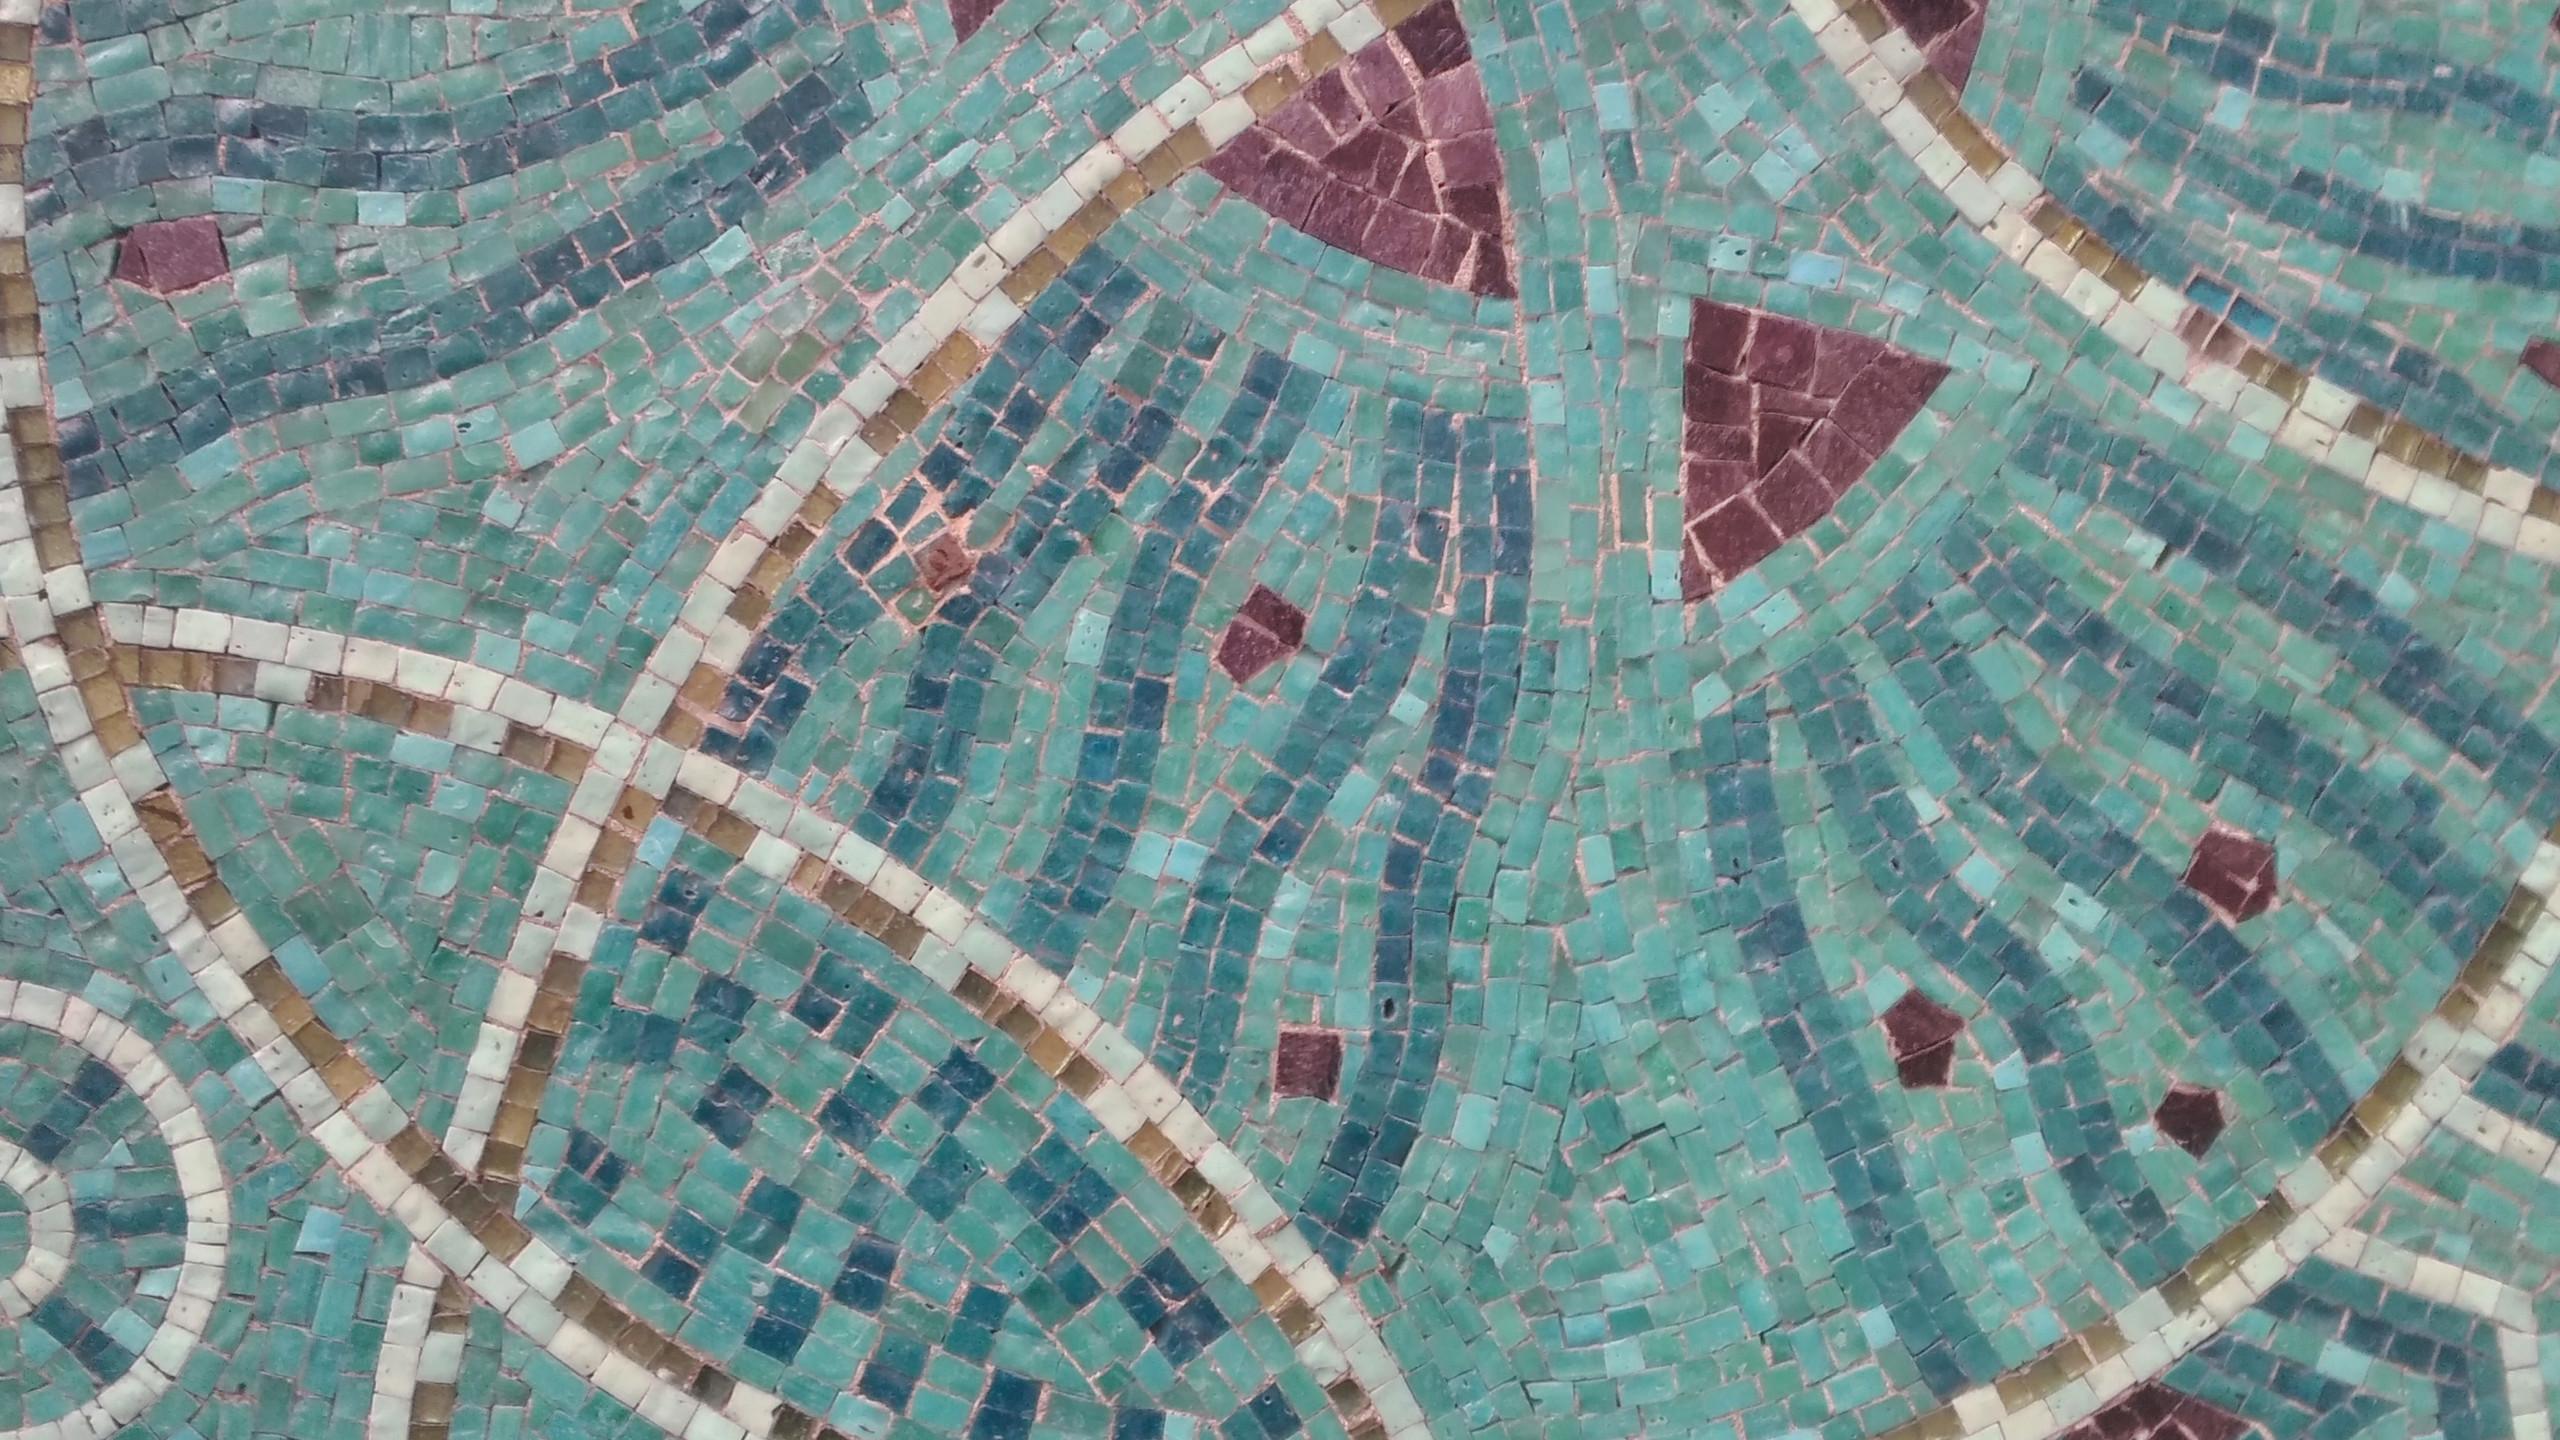 Restaurant Prunier - Mosaic Detail